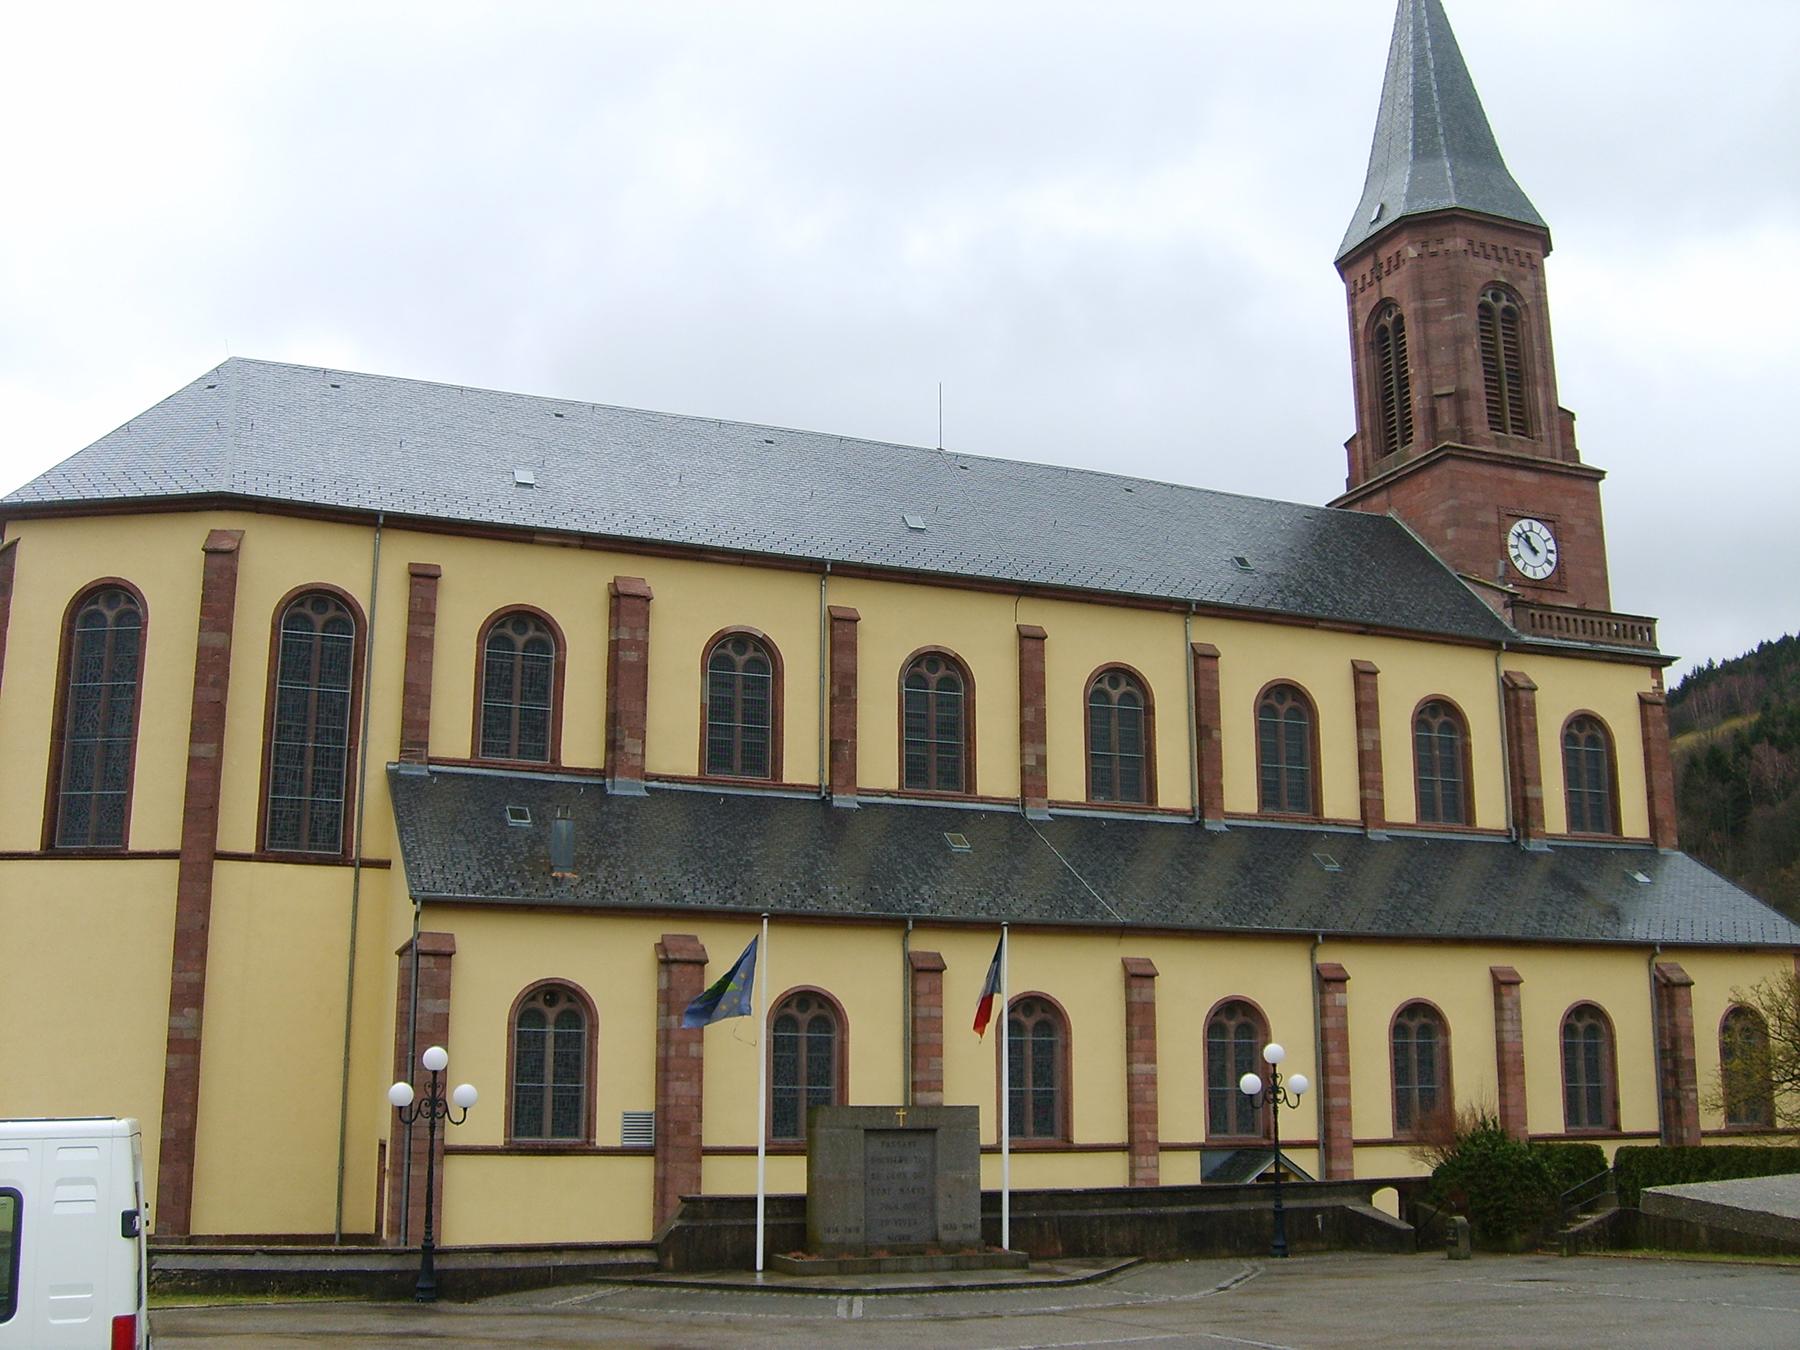 Eglise Bonhomme1